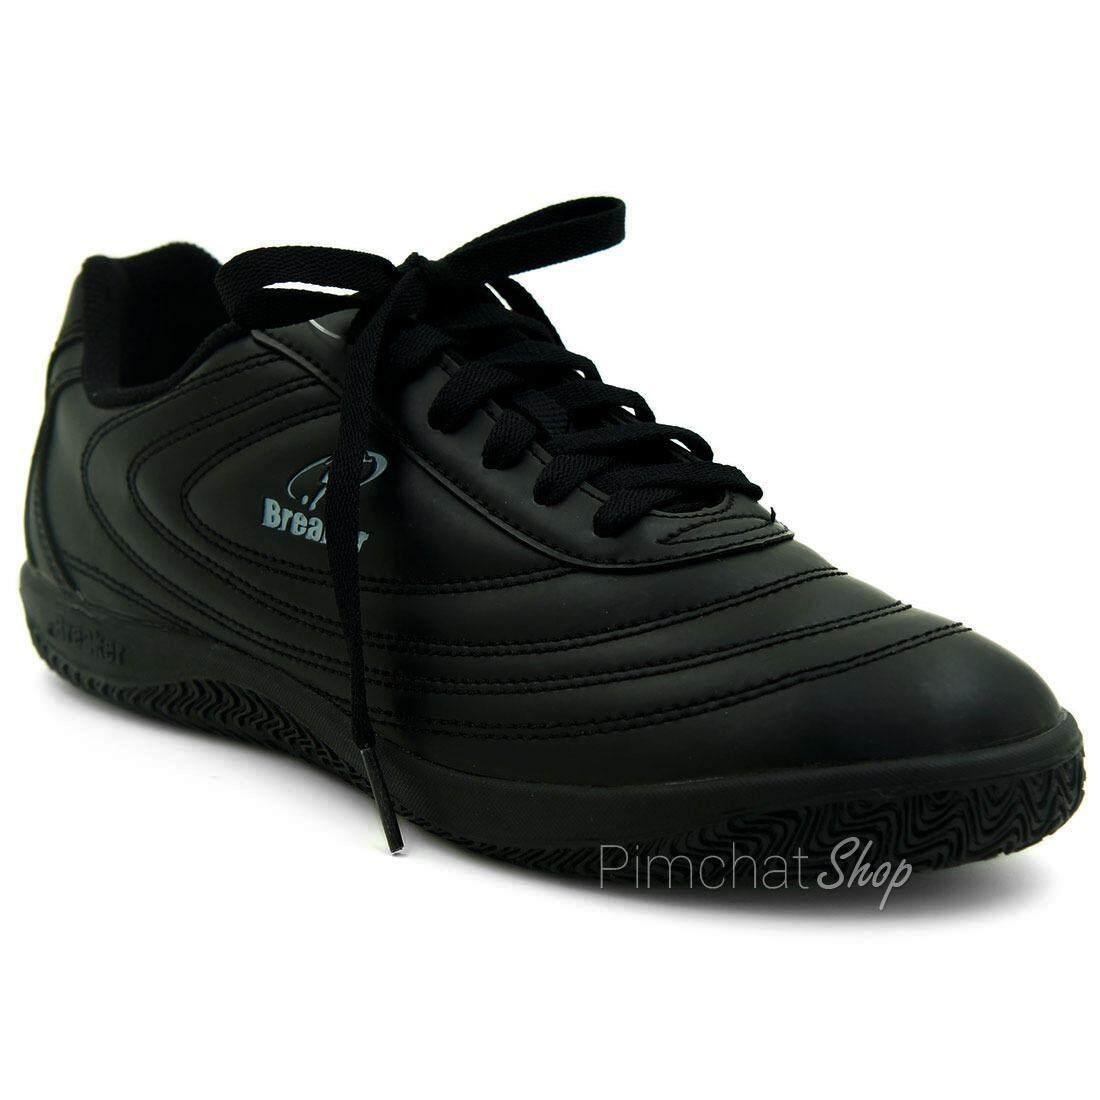 ซื้อ Breaker รองเท้ากีฬาฟุตซอล รุ่น Bk30 สีดำ ถูก กรุงเทพมหานคร